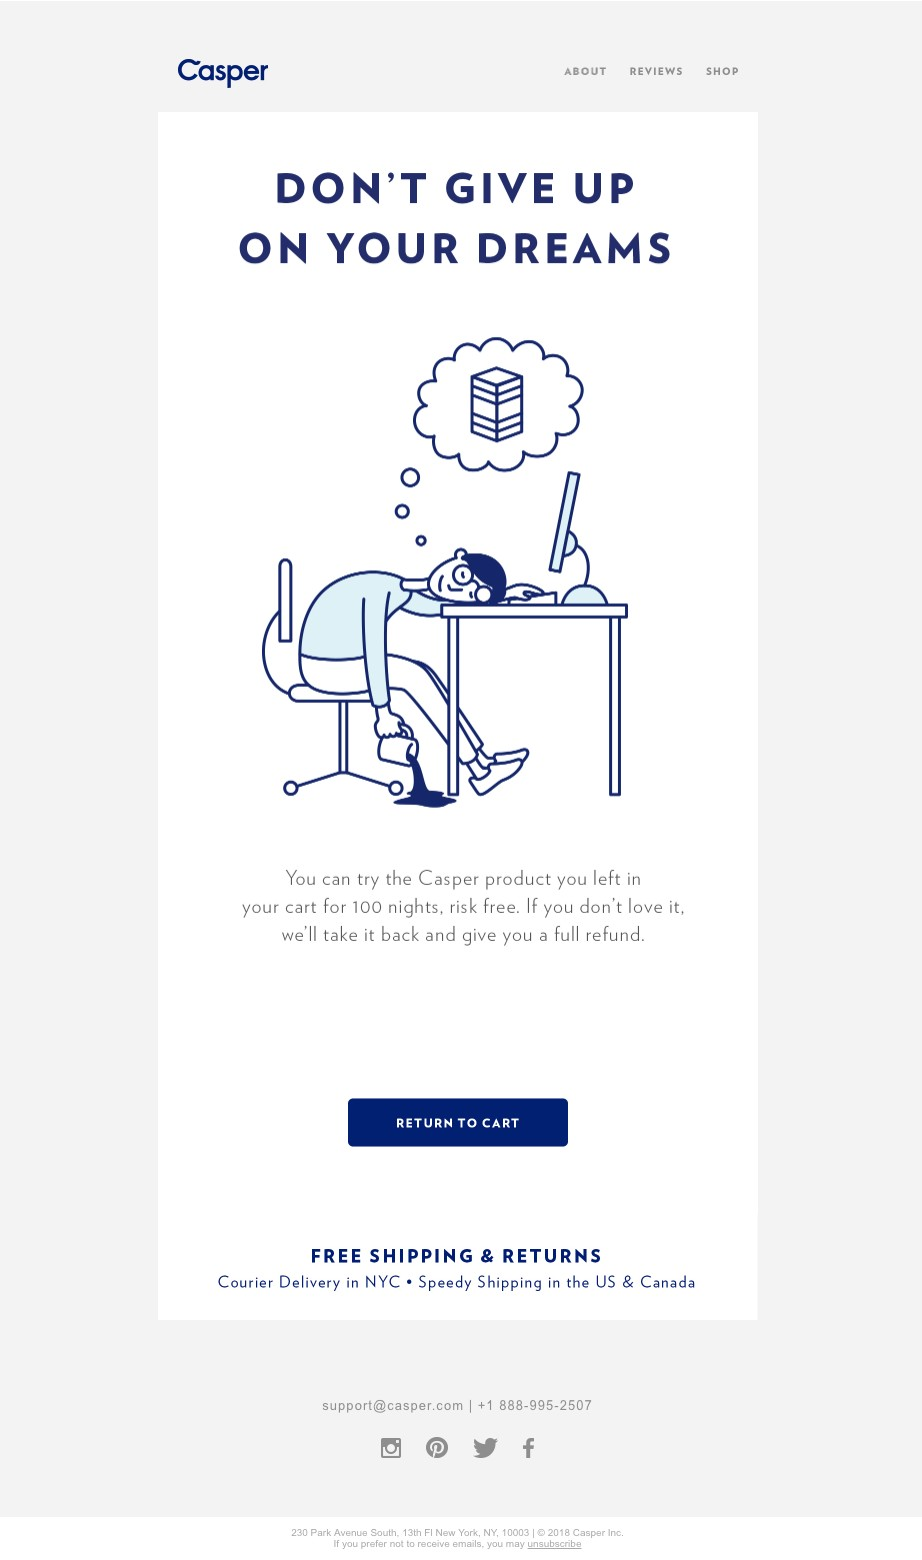 Casper Email Copy Writing